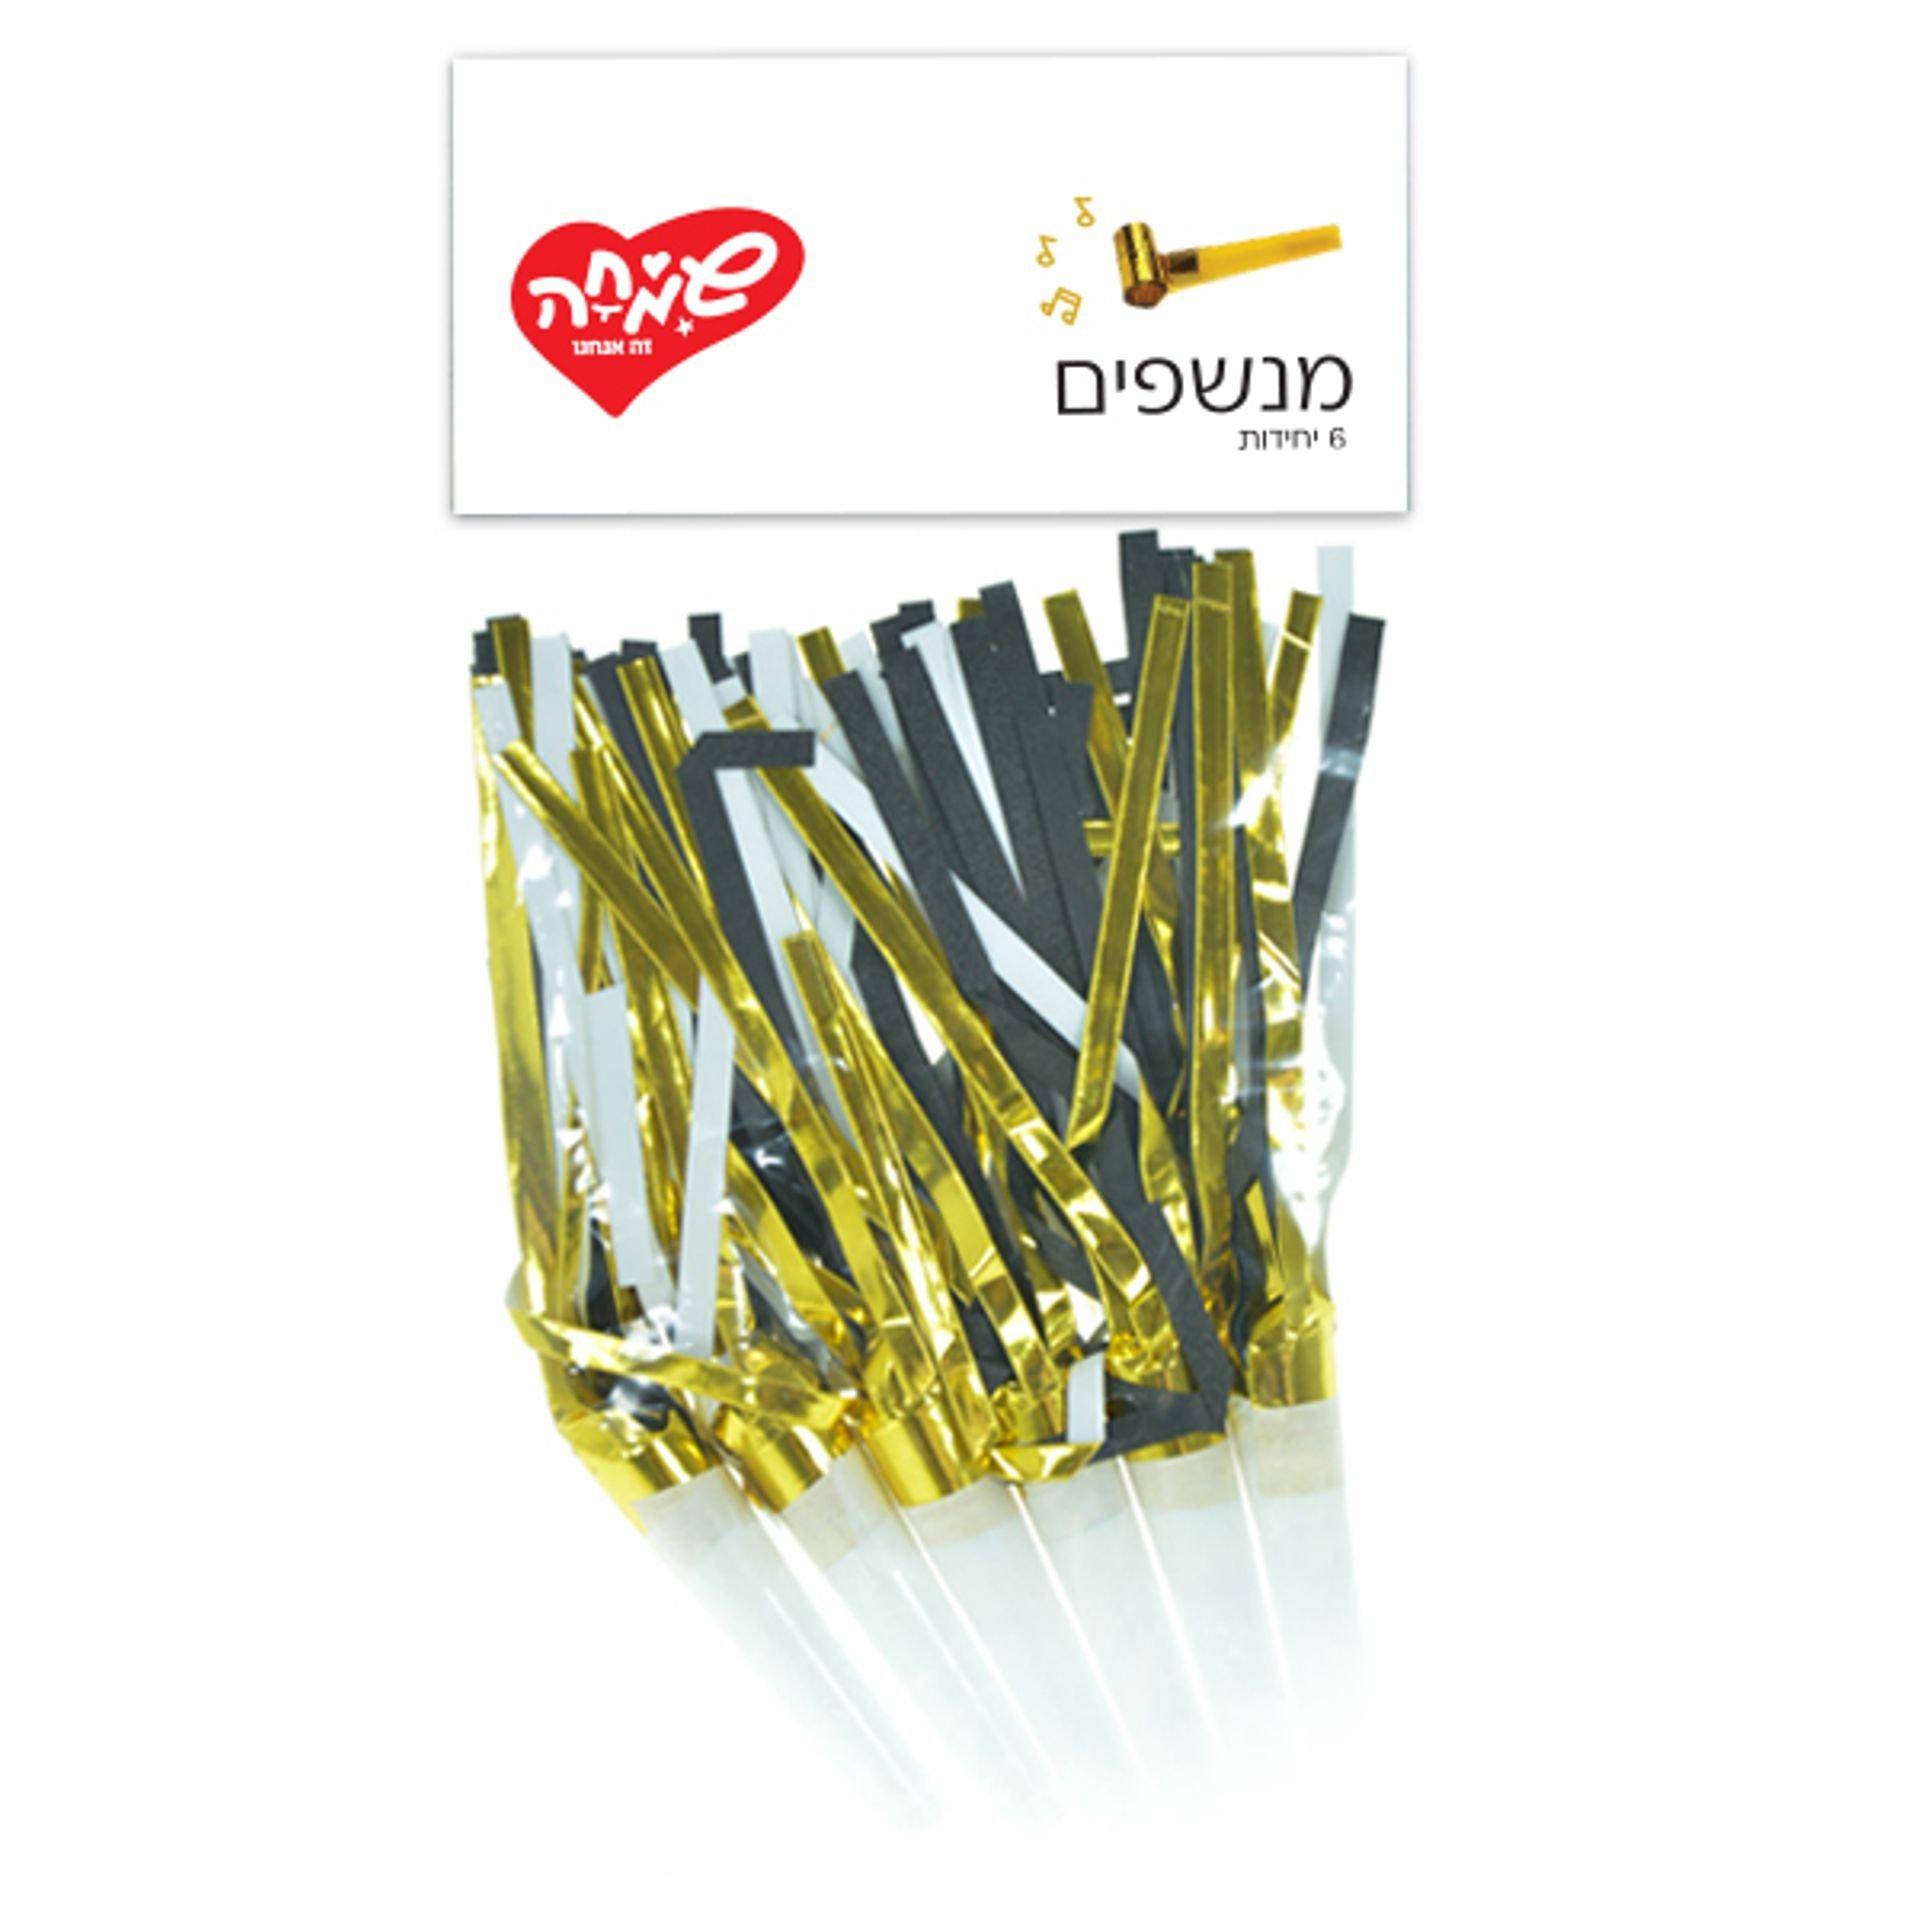 מנשפים עם פרנזים- זהב שחור 6 יח